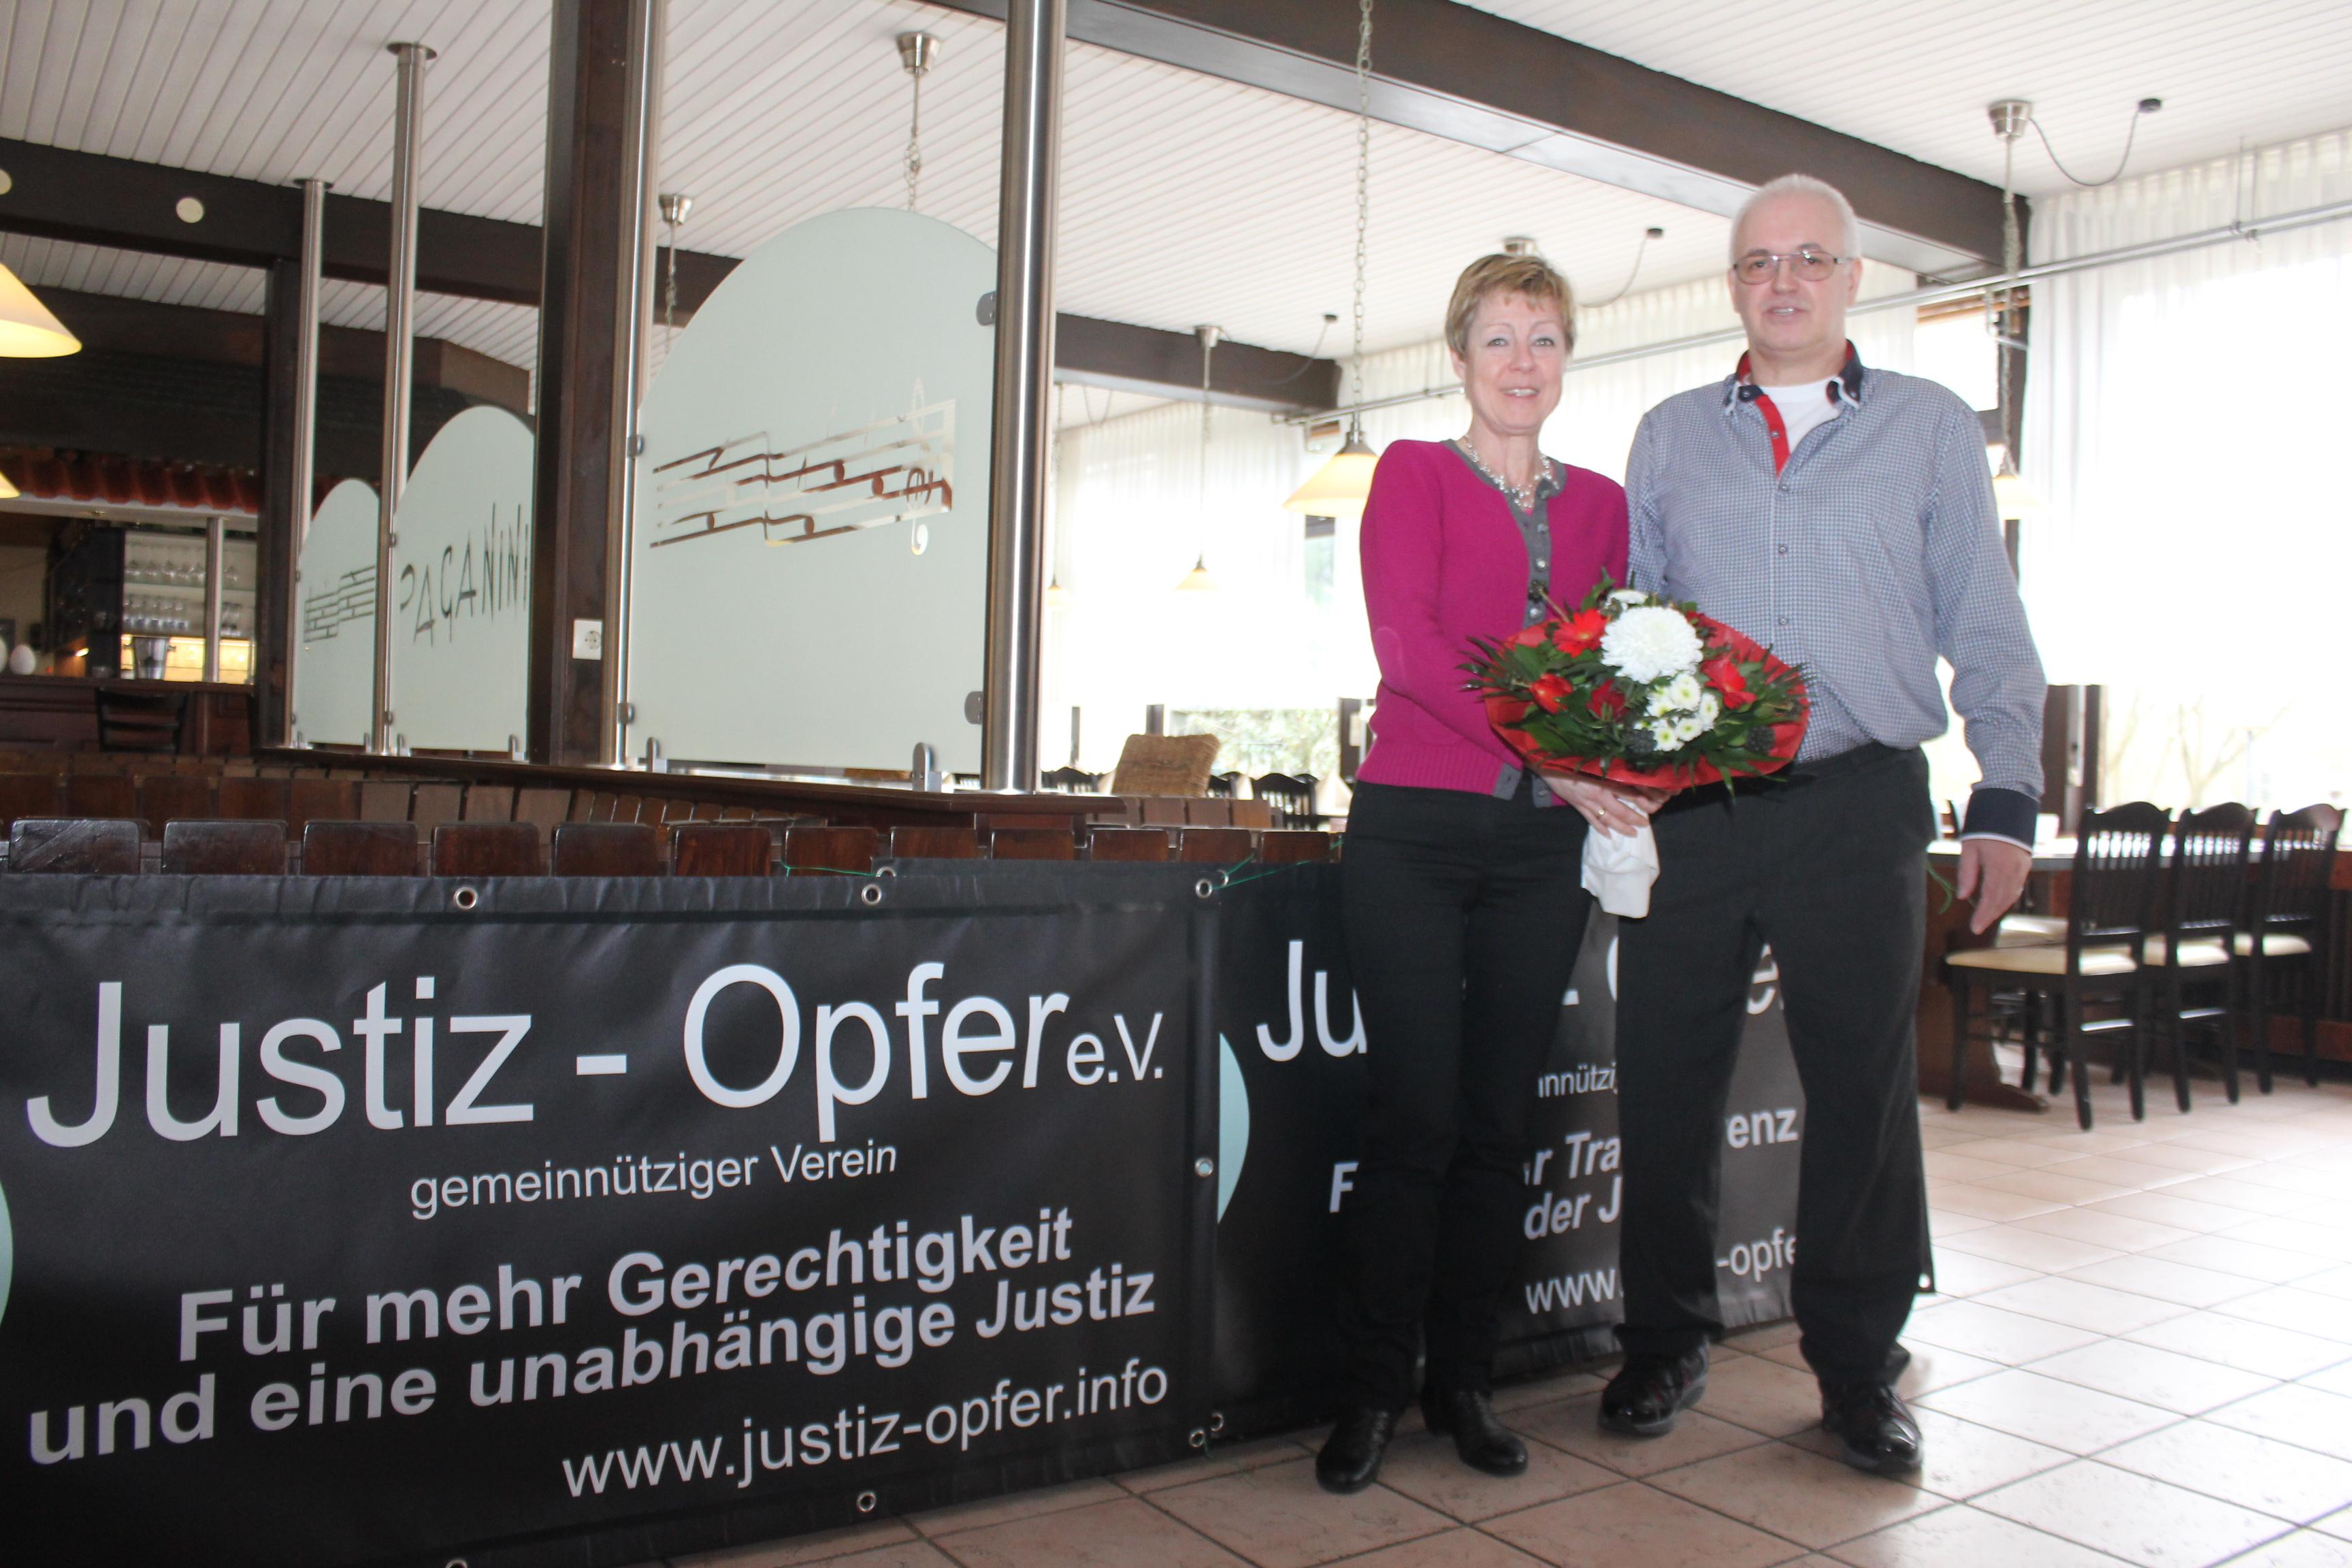 http://gehtrechtichleid.de/wp-content/uploads/2016/03/1.-Justizopfer-mit-MdB-Fr.-D-Schlegel-SPD-8.3.2016.jpg